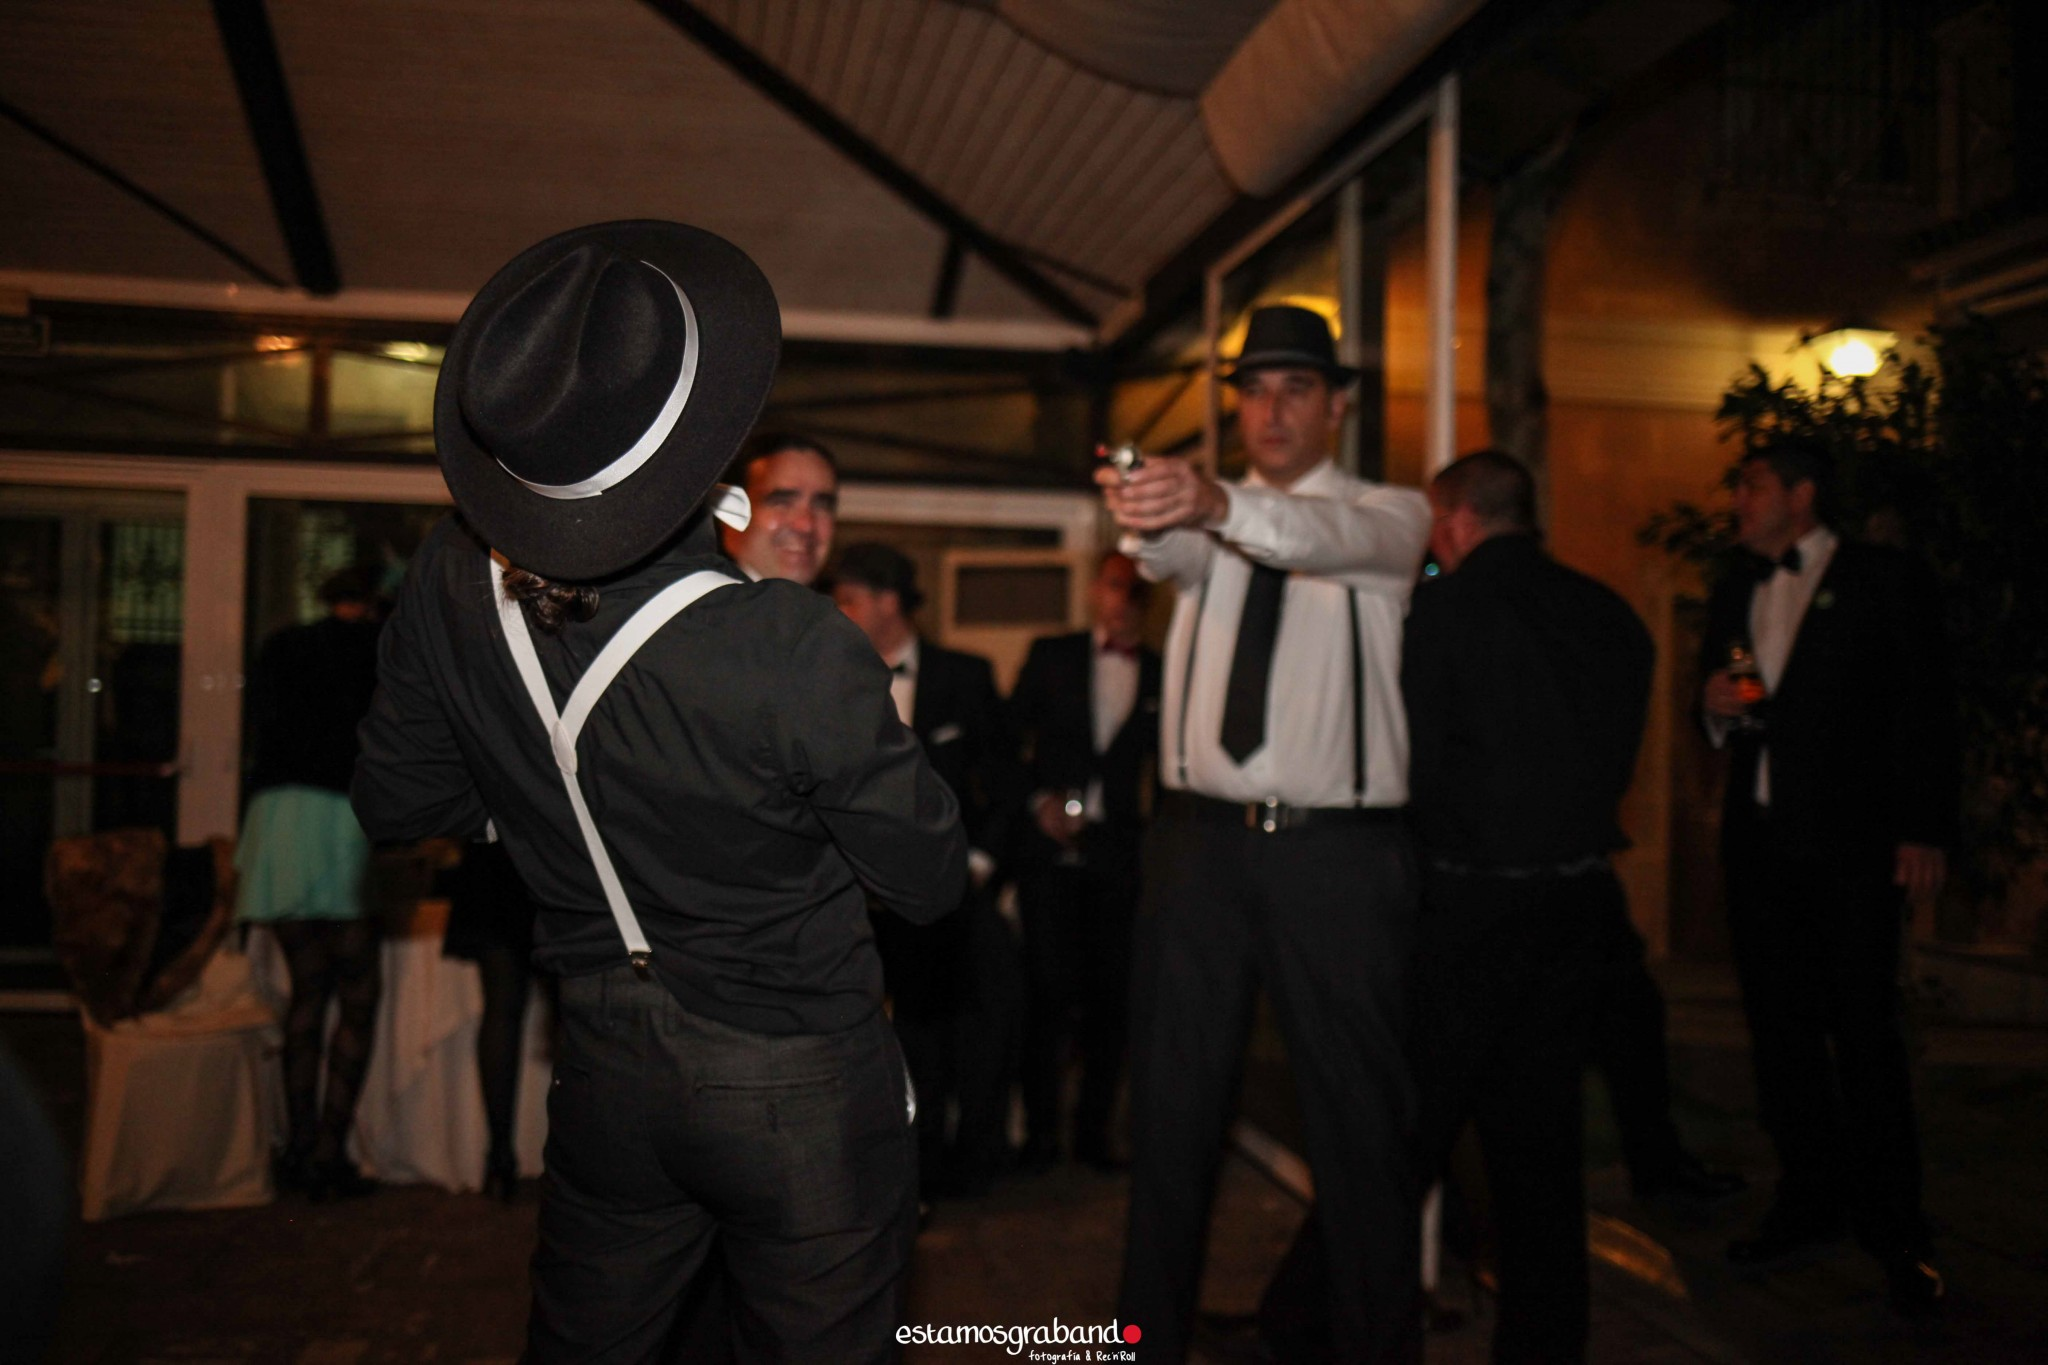 Fali-Bea-51-de-78 Fiesta Años 20 [La Teta de Julieta, Cádiz] - video boda cadiz